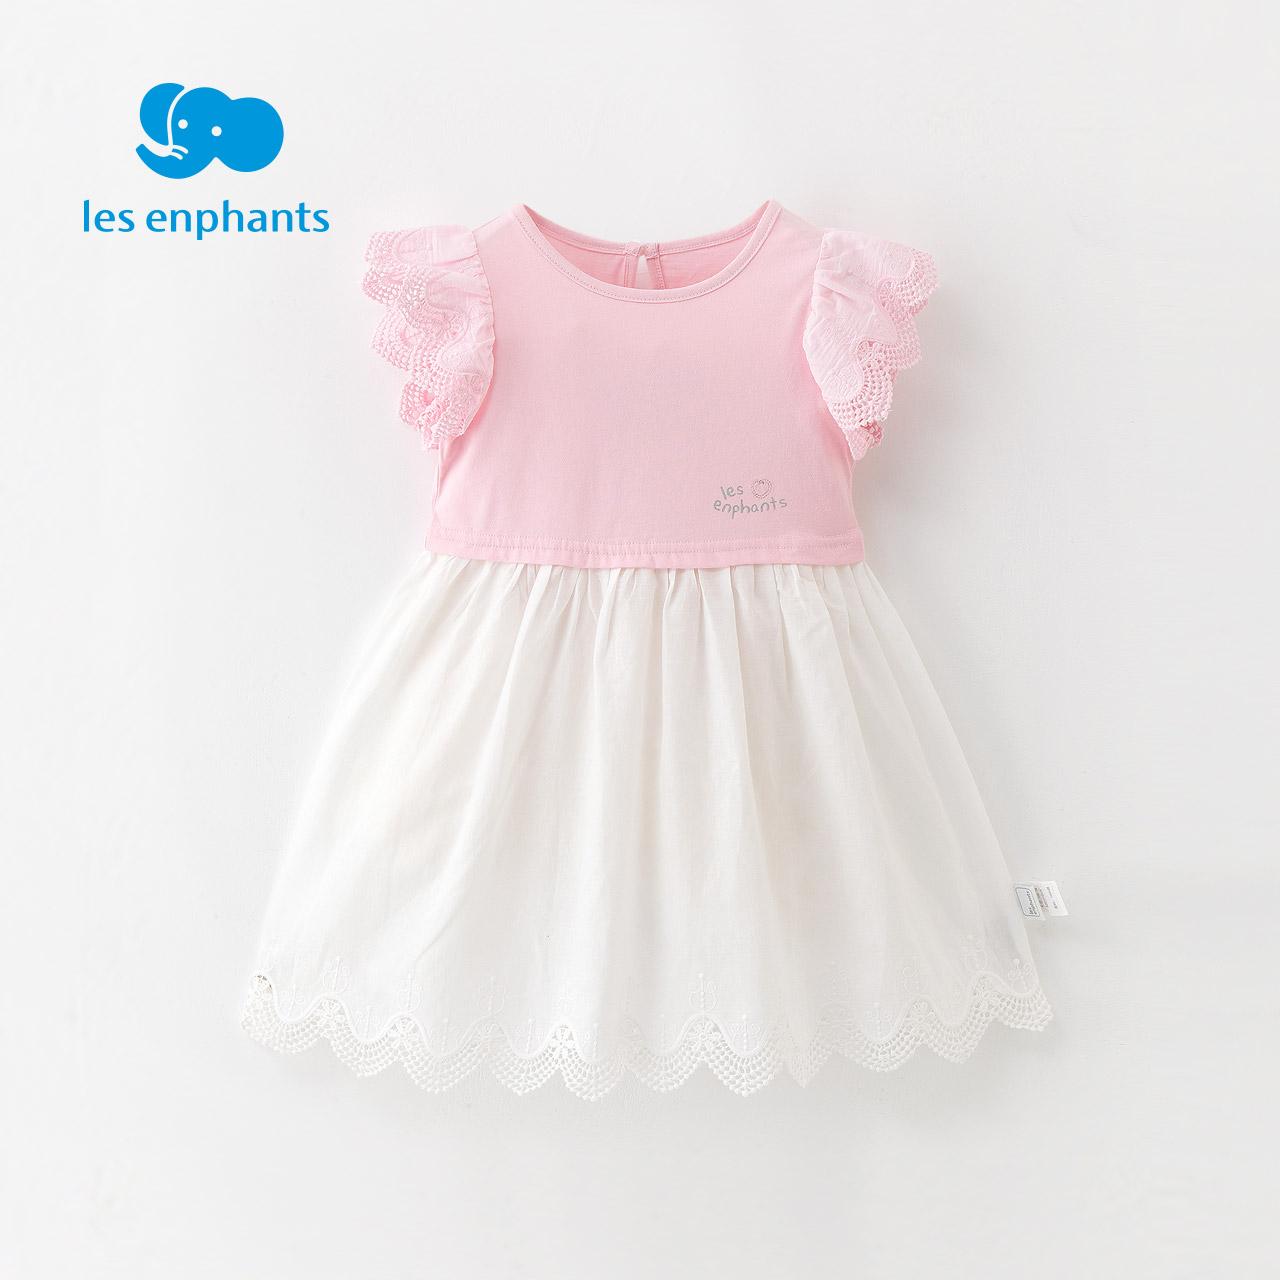 丽婴房童装 宝宝洋装裙子女宝宝甜美可爱舒适连衣裙 2018夏款